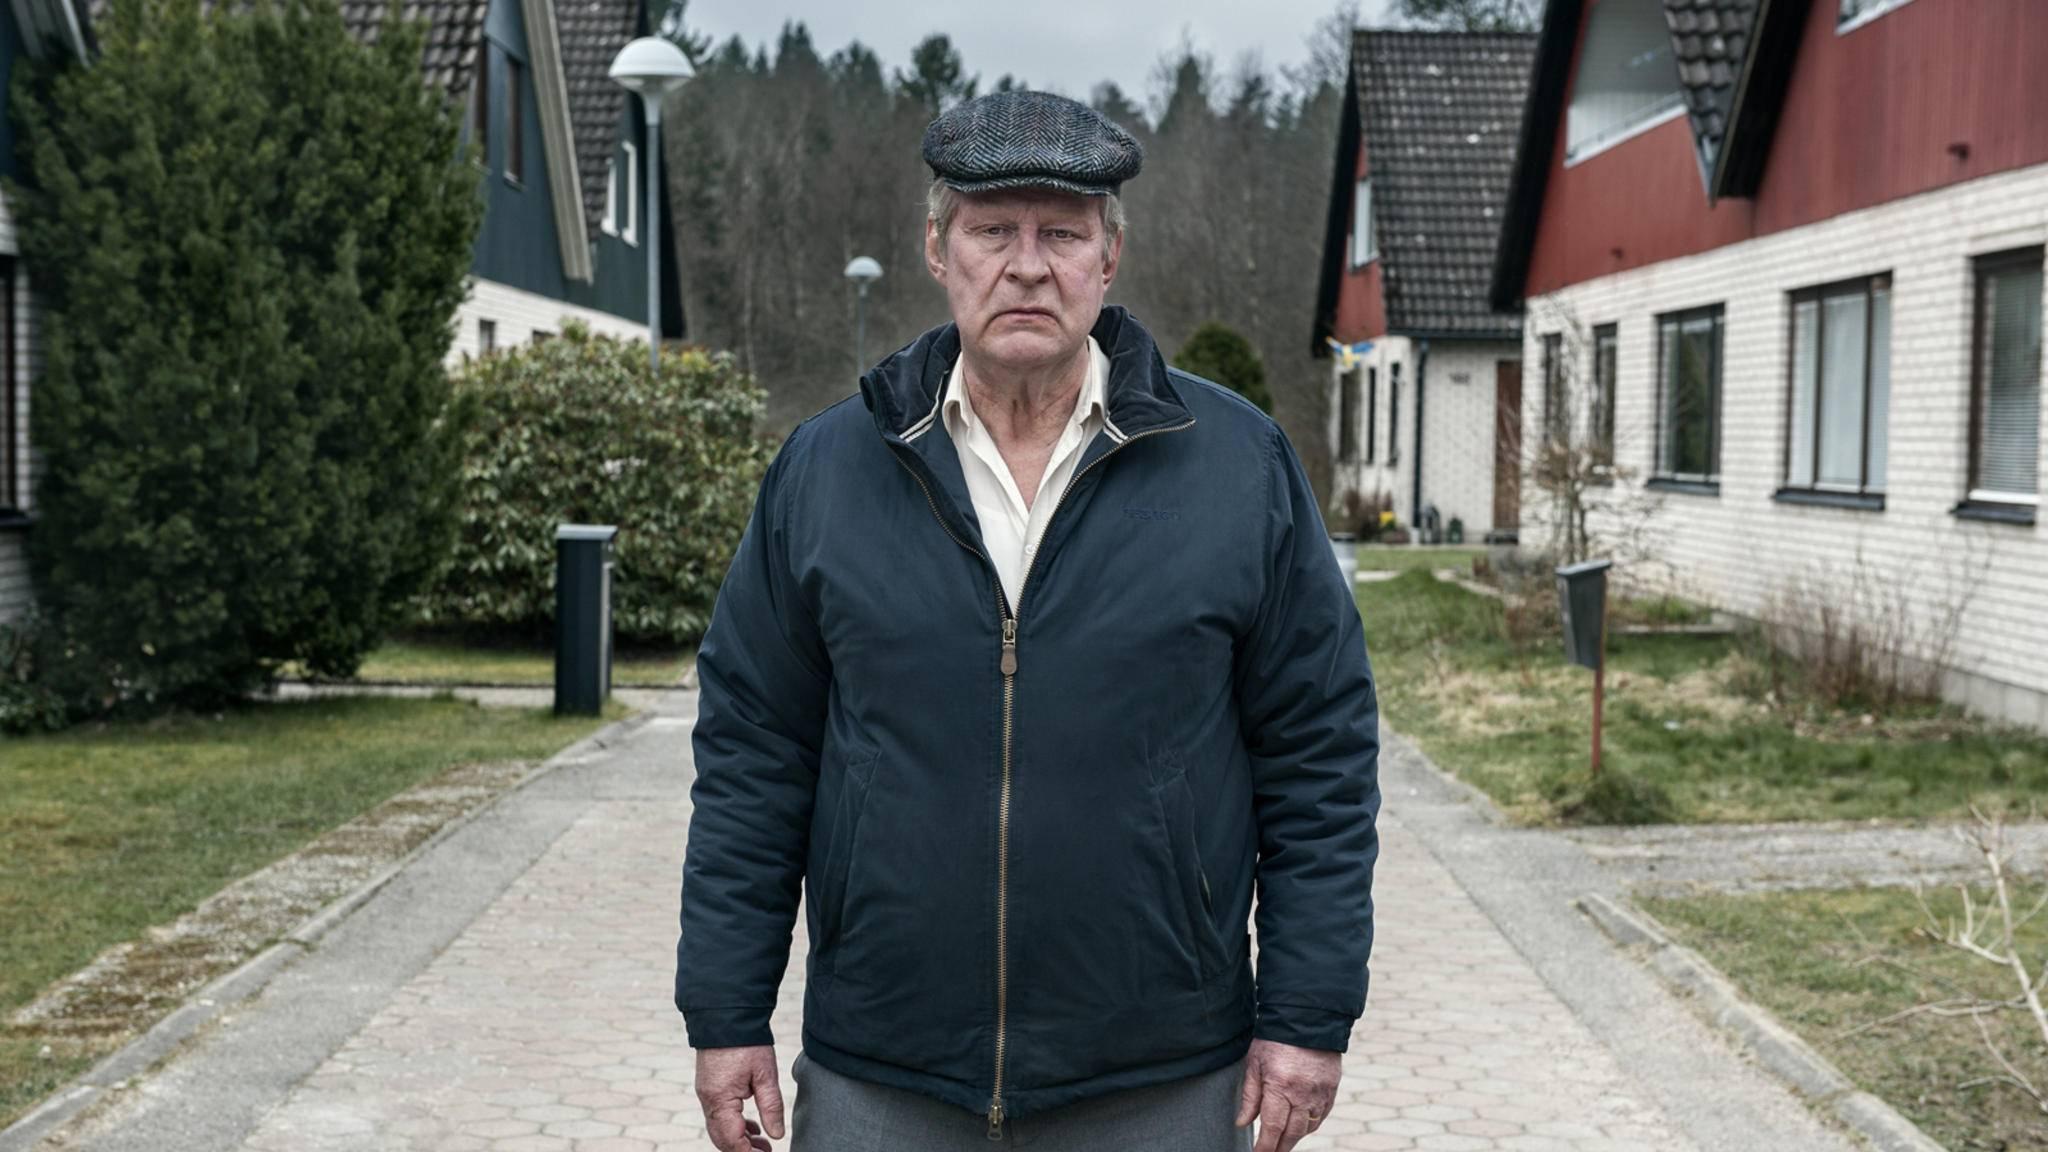 In der schwedischen Verfilmung spielte Rolf Lassgård den miesepetrigen Ove.